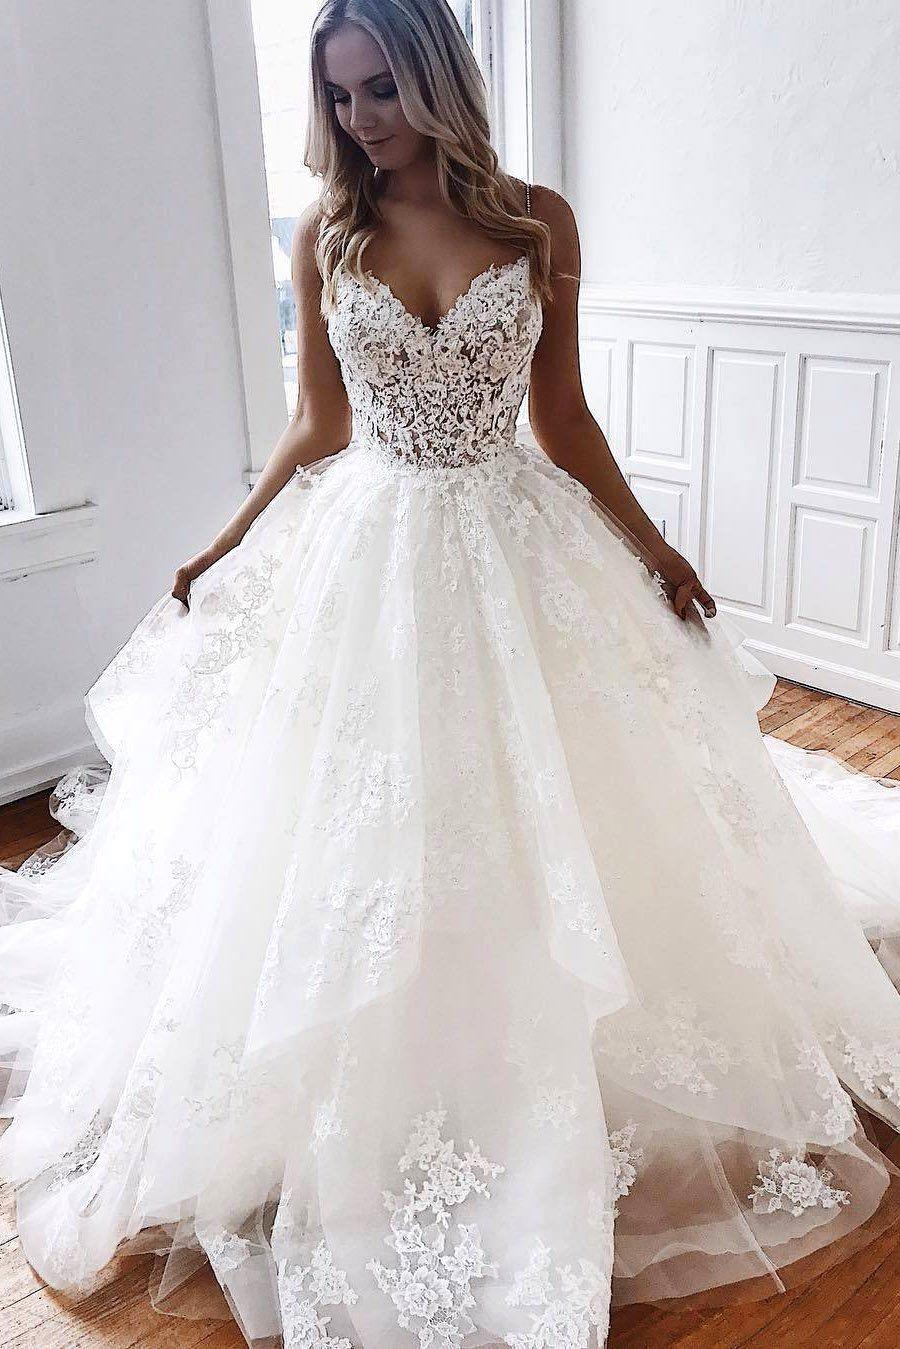 jjshouse wedding dresses uk off 20   medpharmres.com